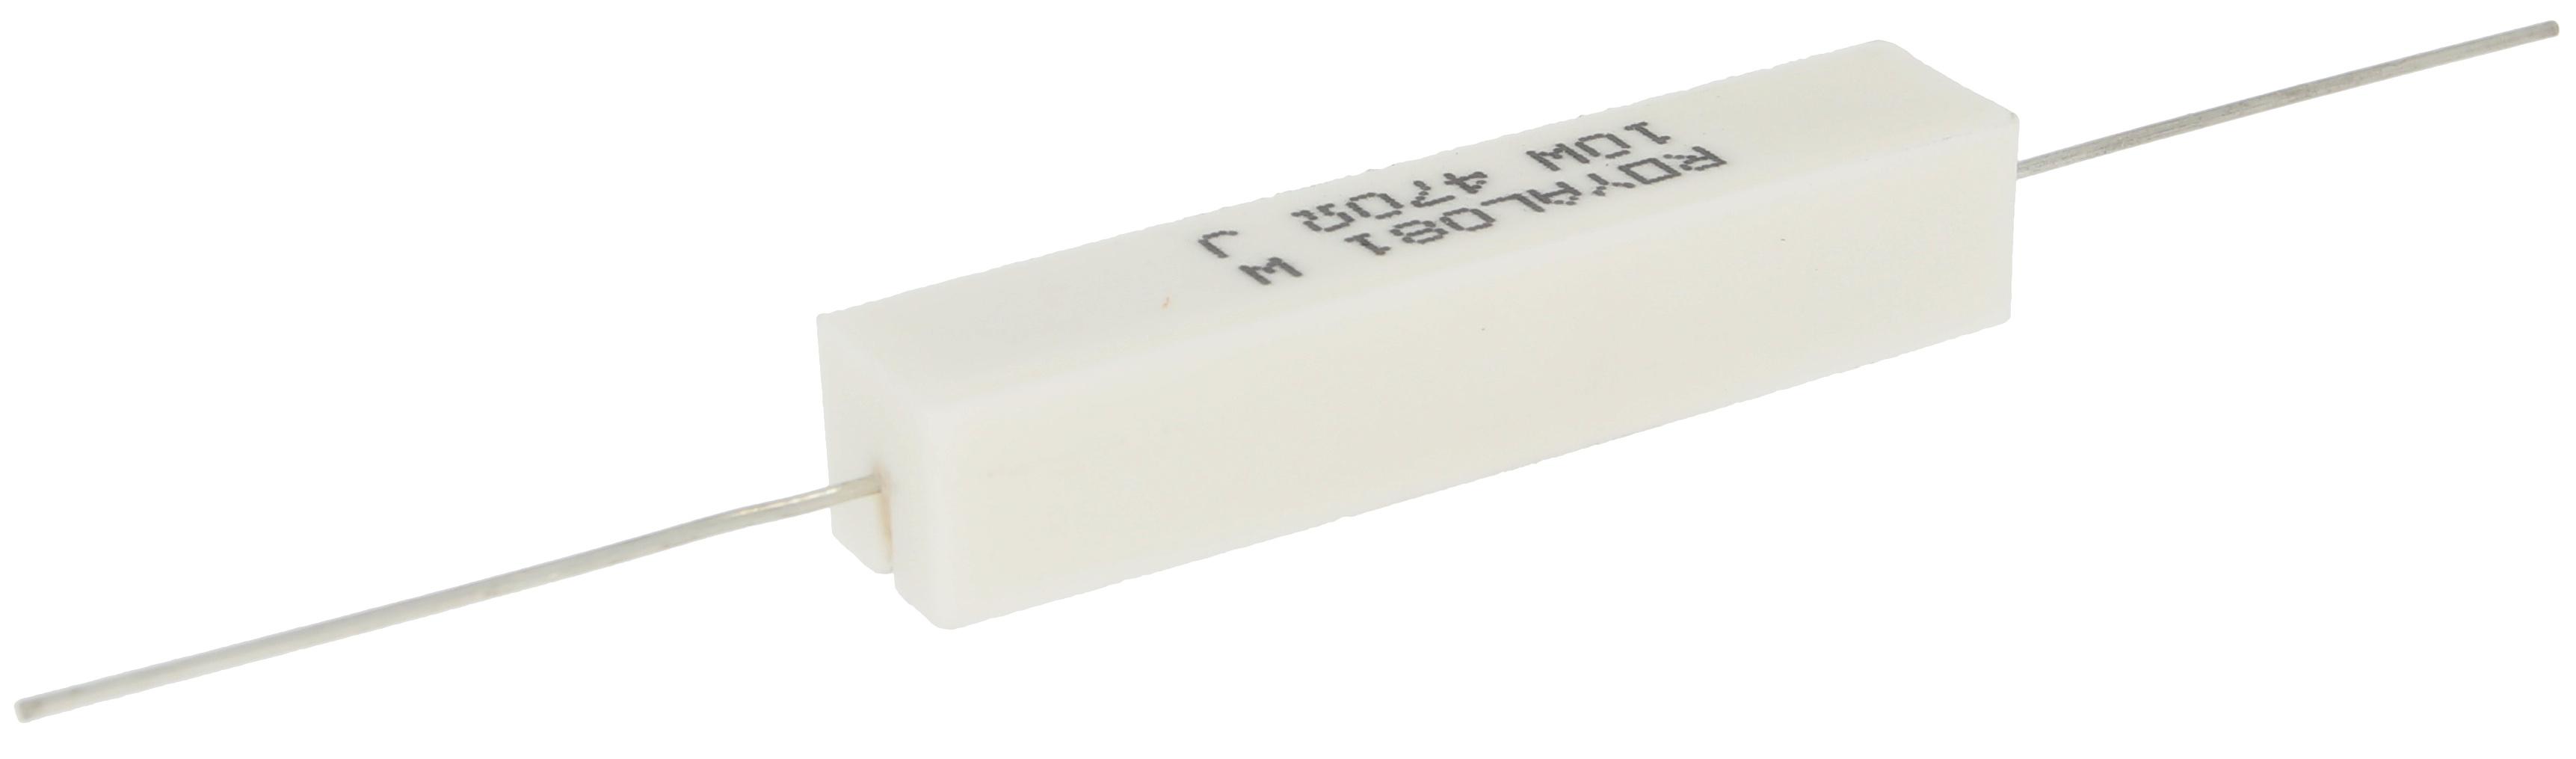 Metal Film Resistor 10W